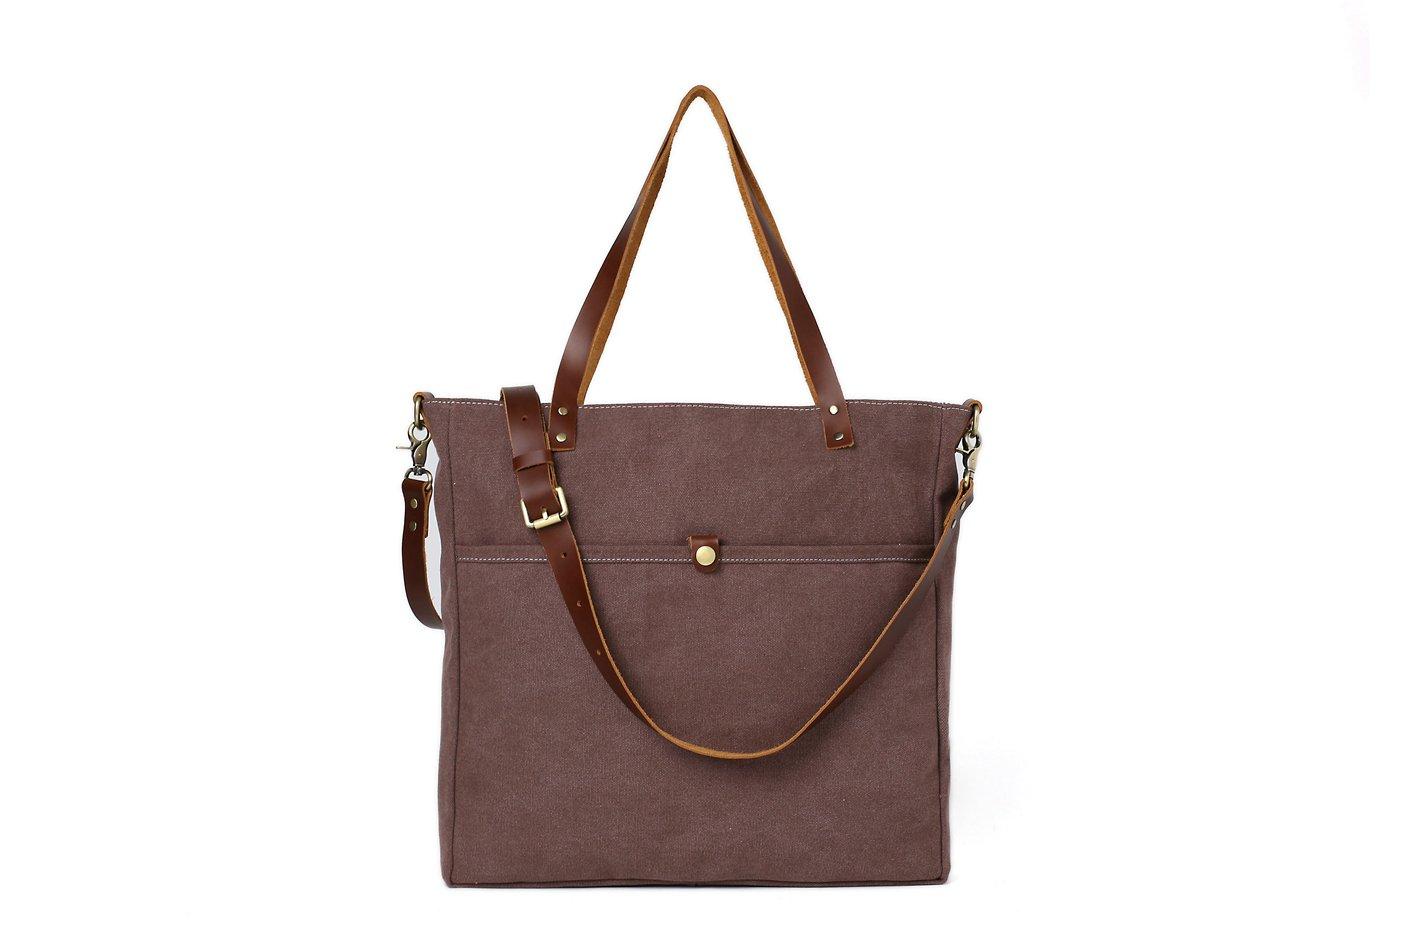 005c3a236c4f MoshiLeatherBag - Handmade Leather Bag Manufacturer — Handmade Canvas Tote  Bag Messenger Bag School Bag Handbag Shoulder Bag 16000